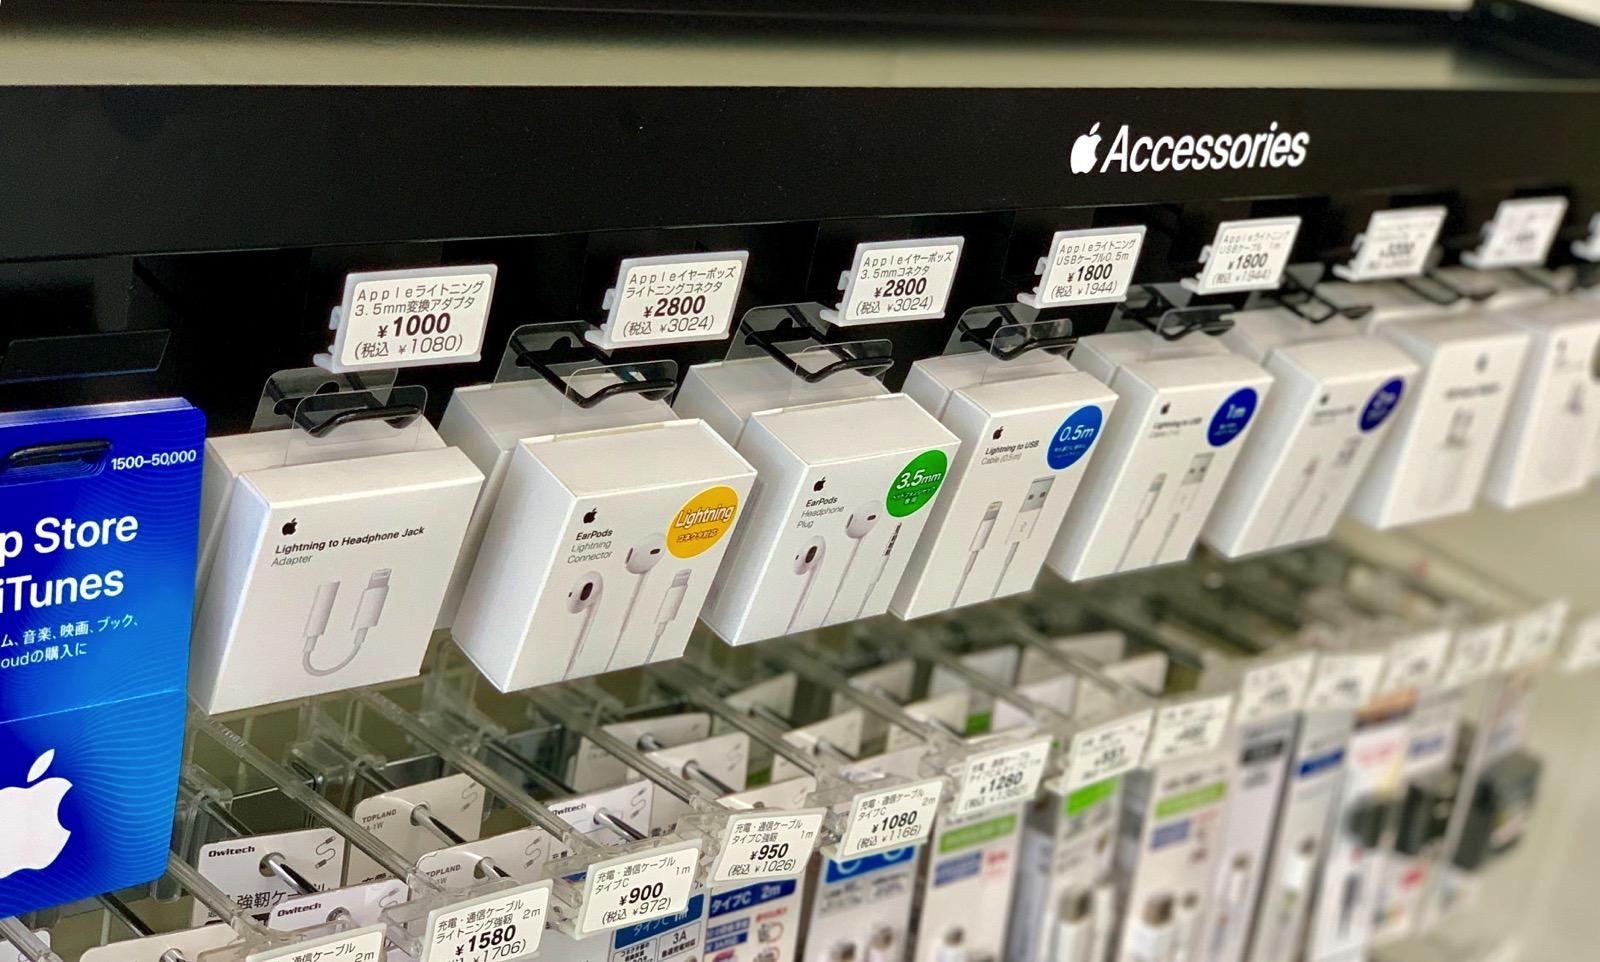 Seven Eleven Apple Accessories for sale